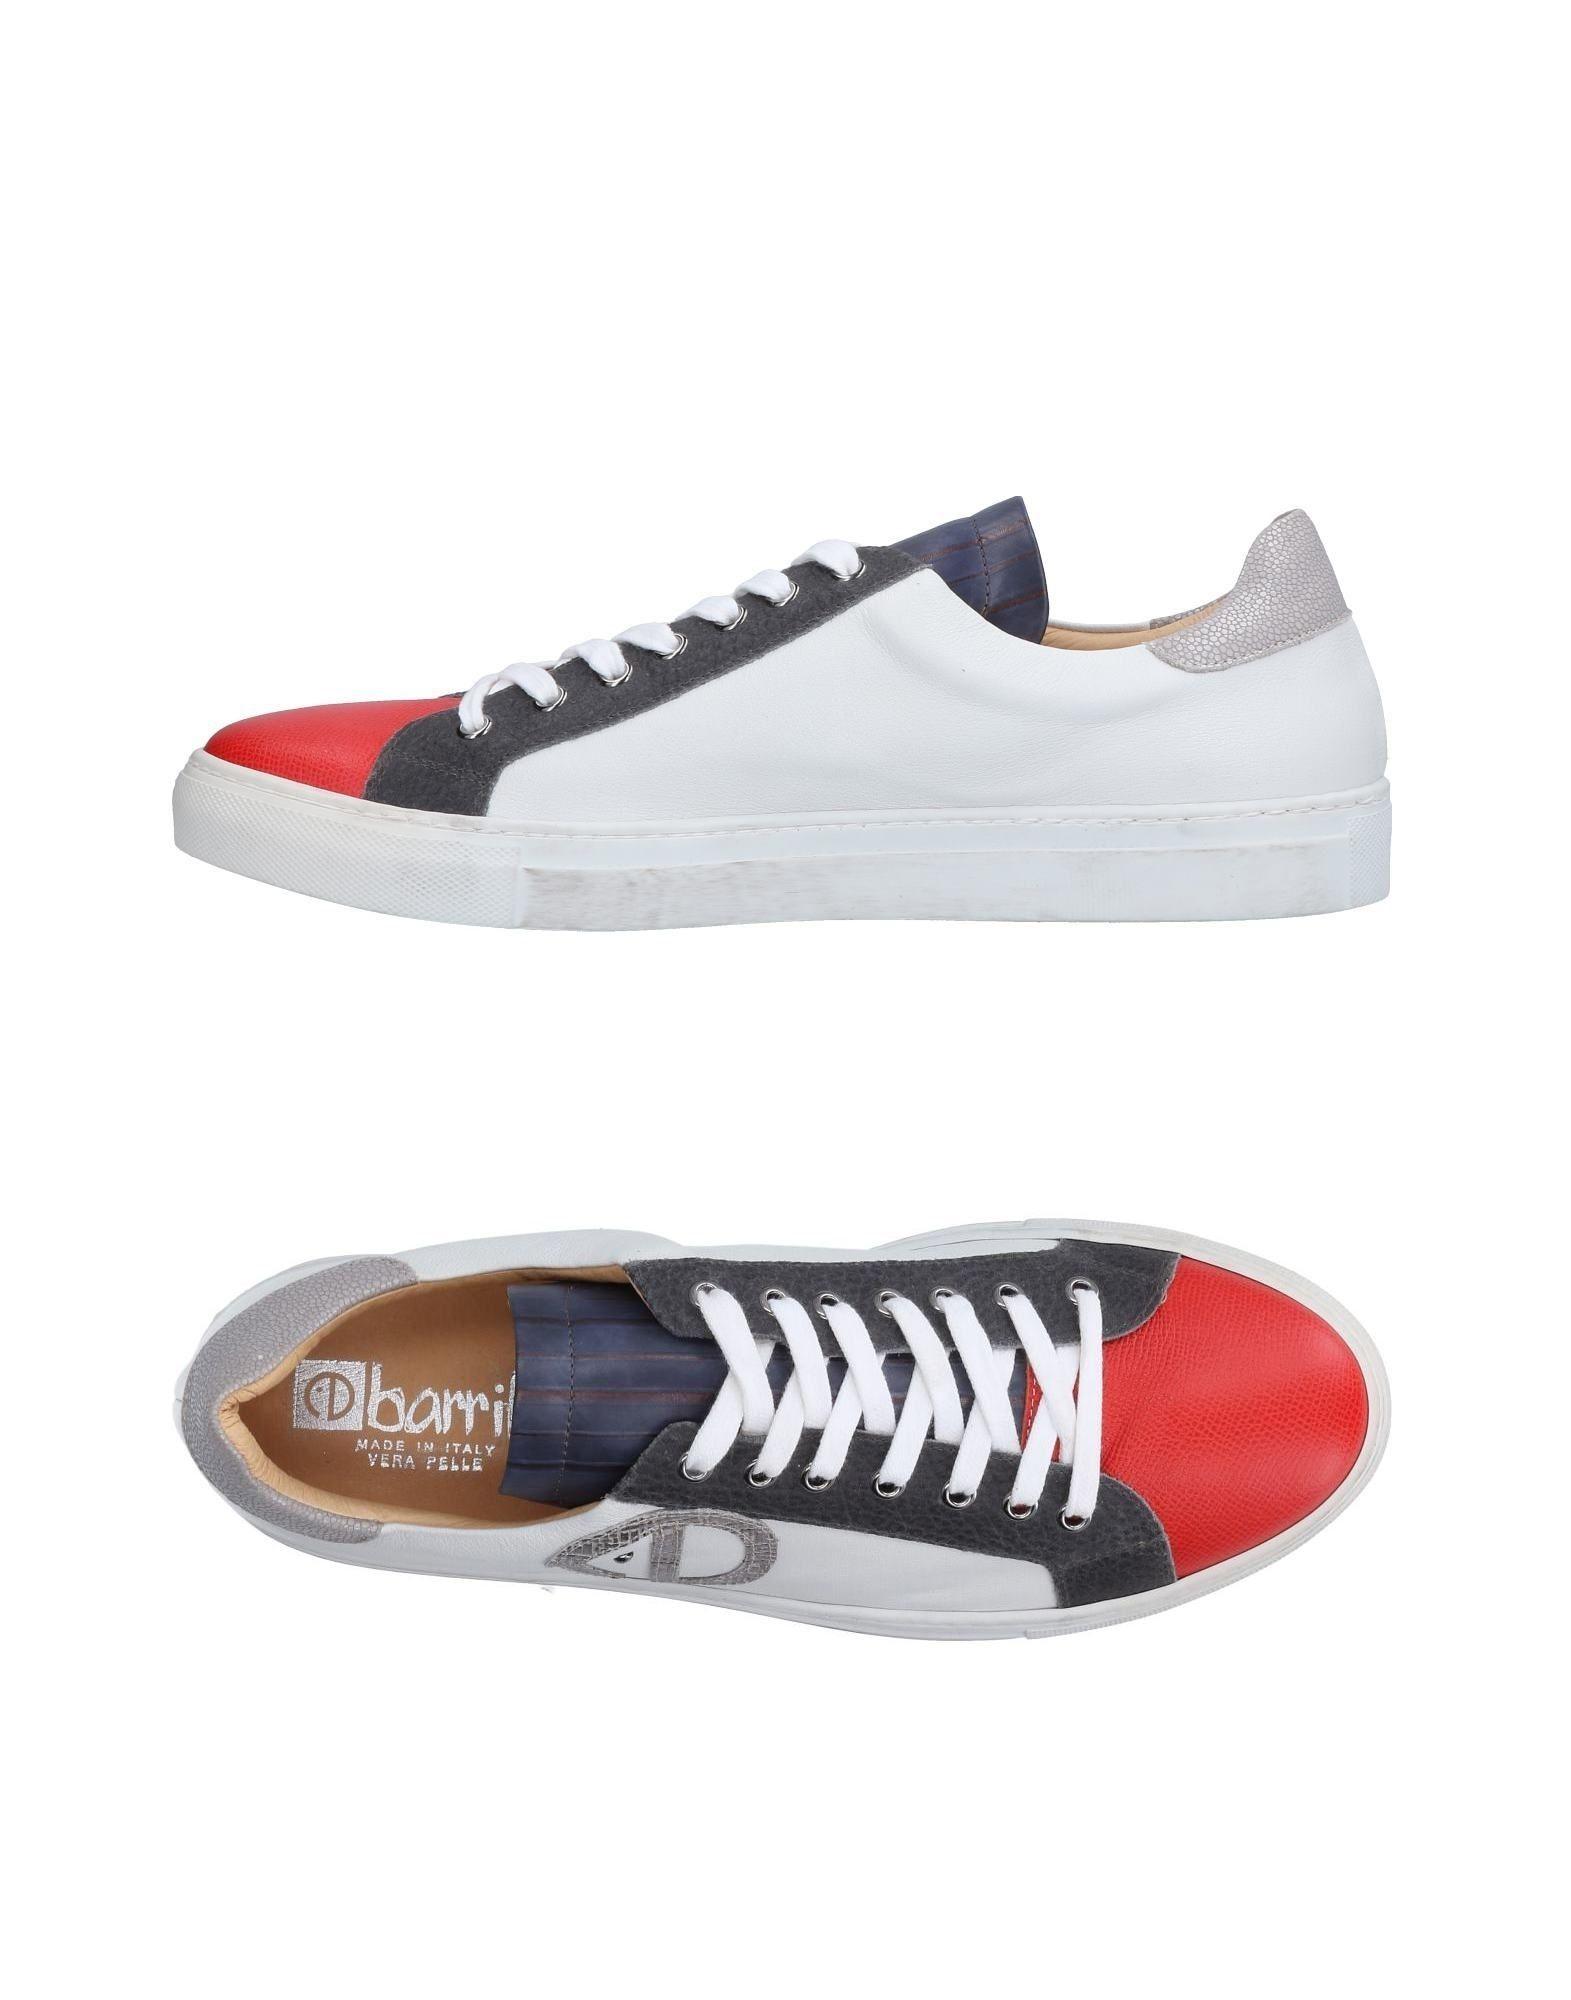 Baskets Ebarrito Homme - Baskets Ebarrito  Blanc Nouvelles chaussures pour hommes et femmes, remise limitée dans le temps